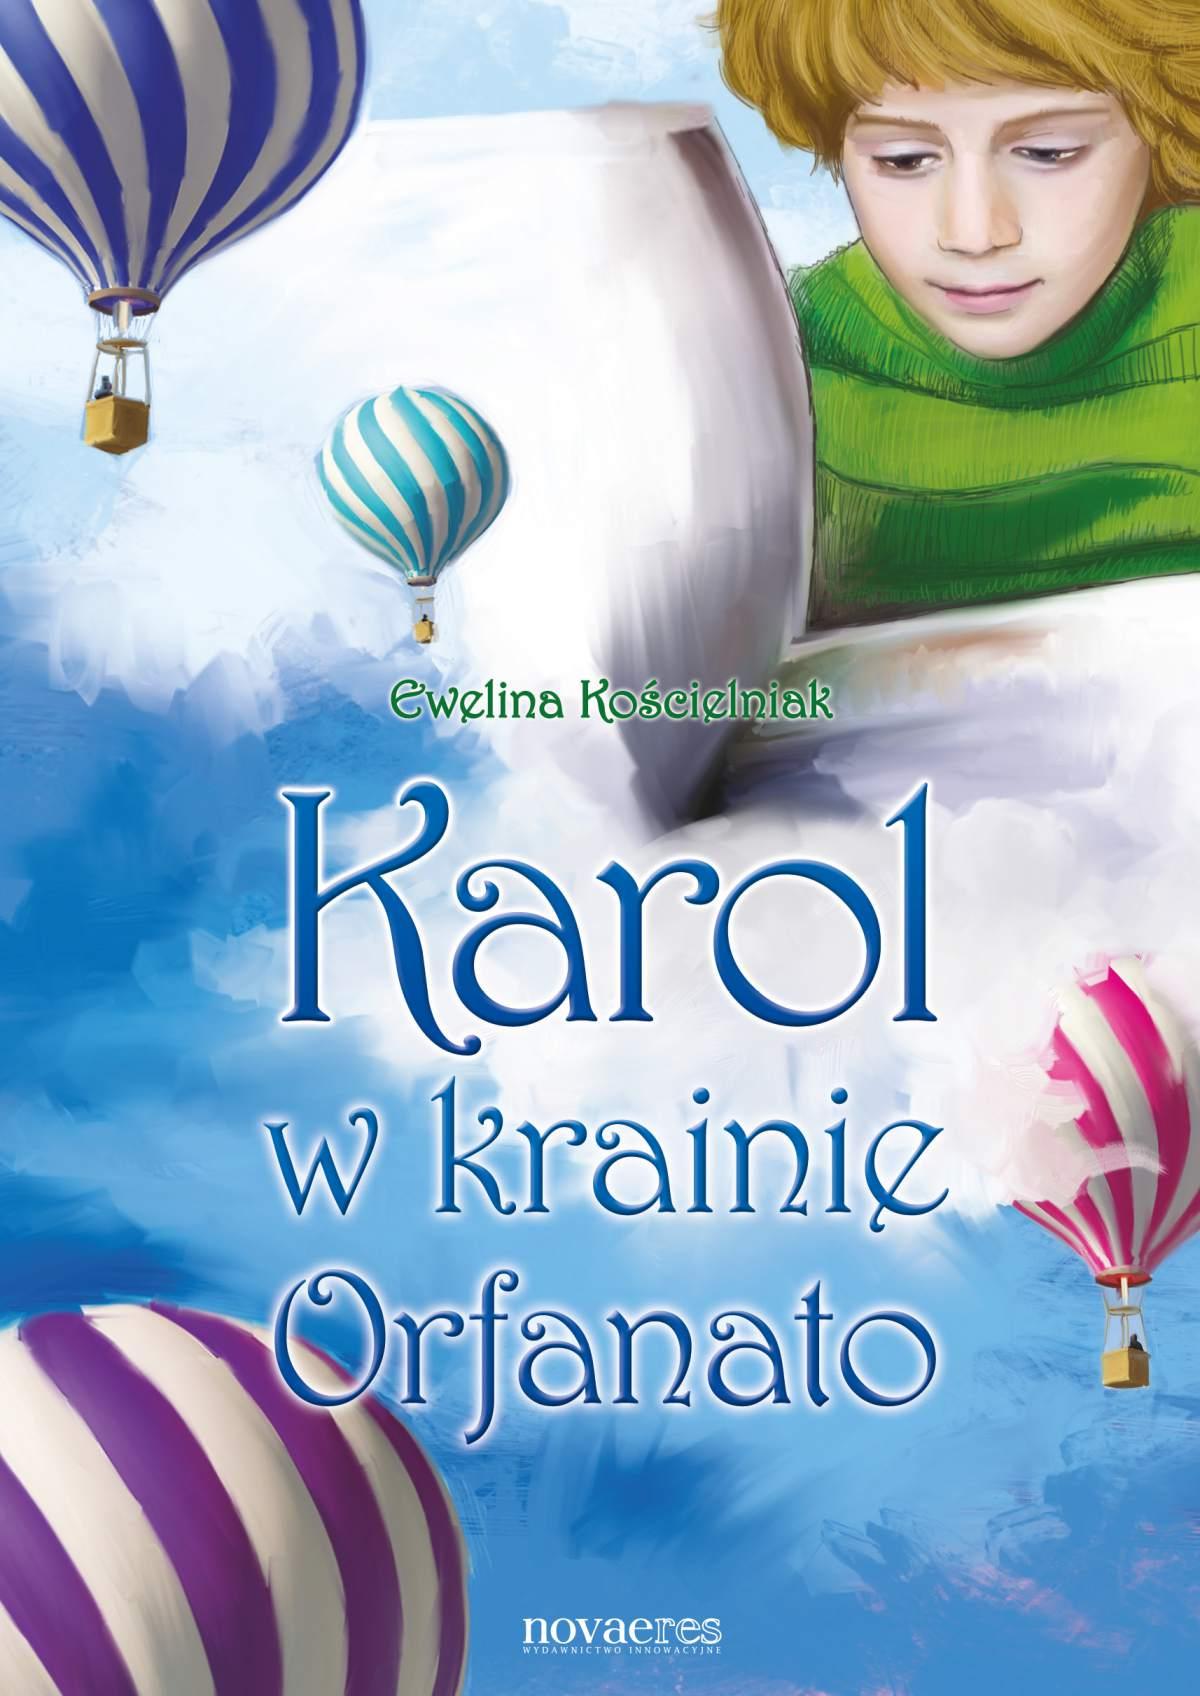 Karol w krainie Orfanato - Ebook (Książka na Kindle) do pobrania w formacie MOBI